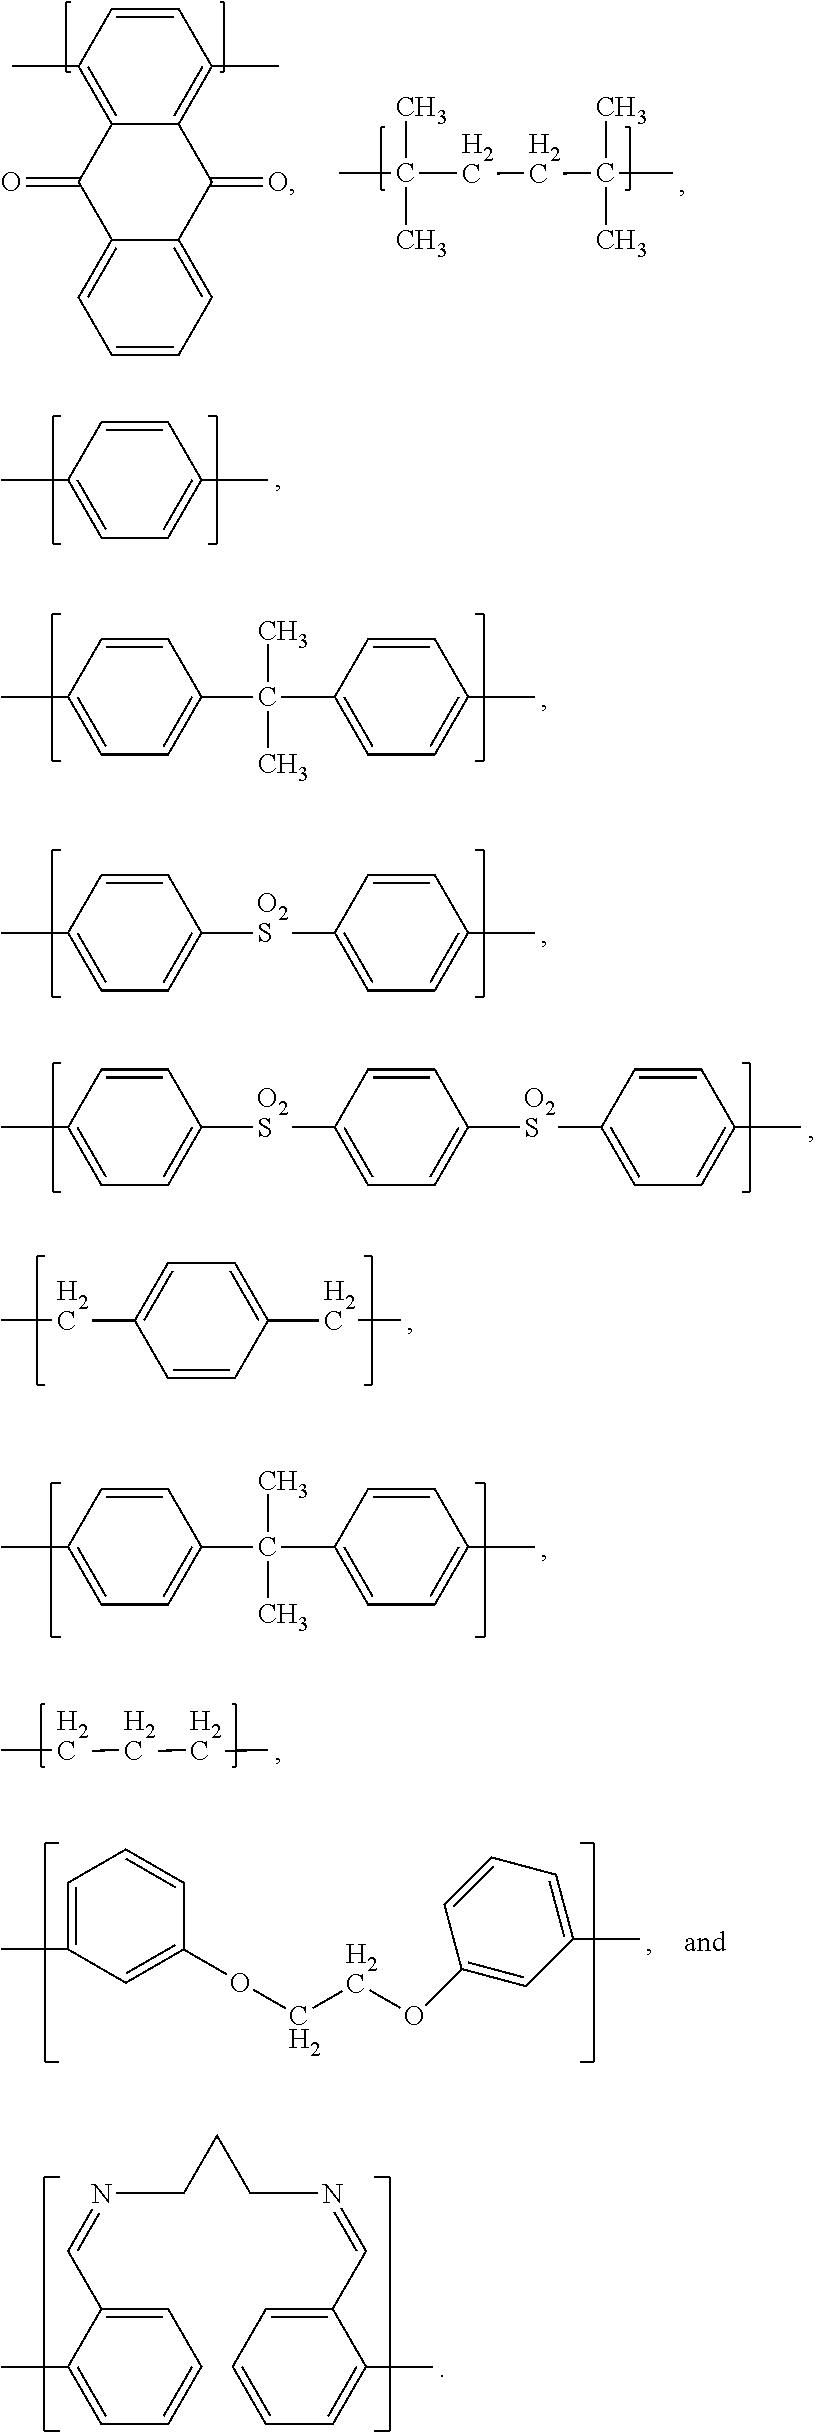 Figure US07914974-20110329-C00010